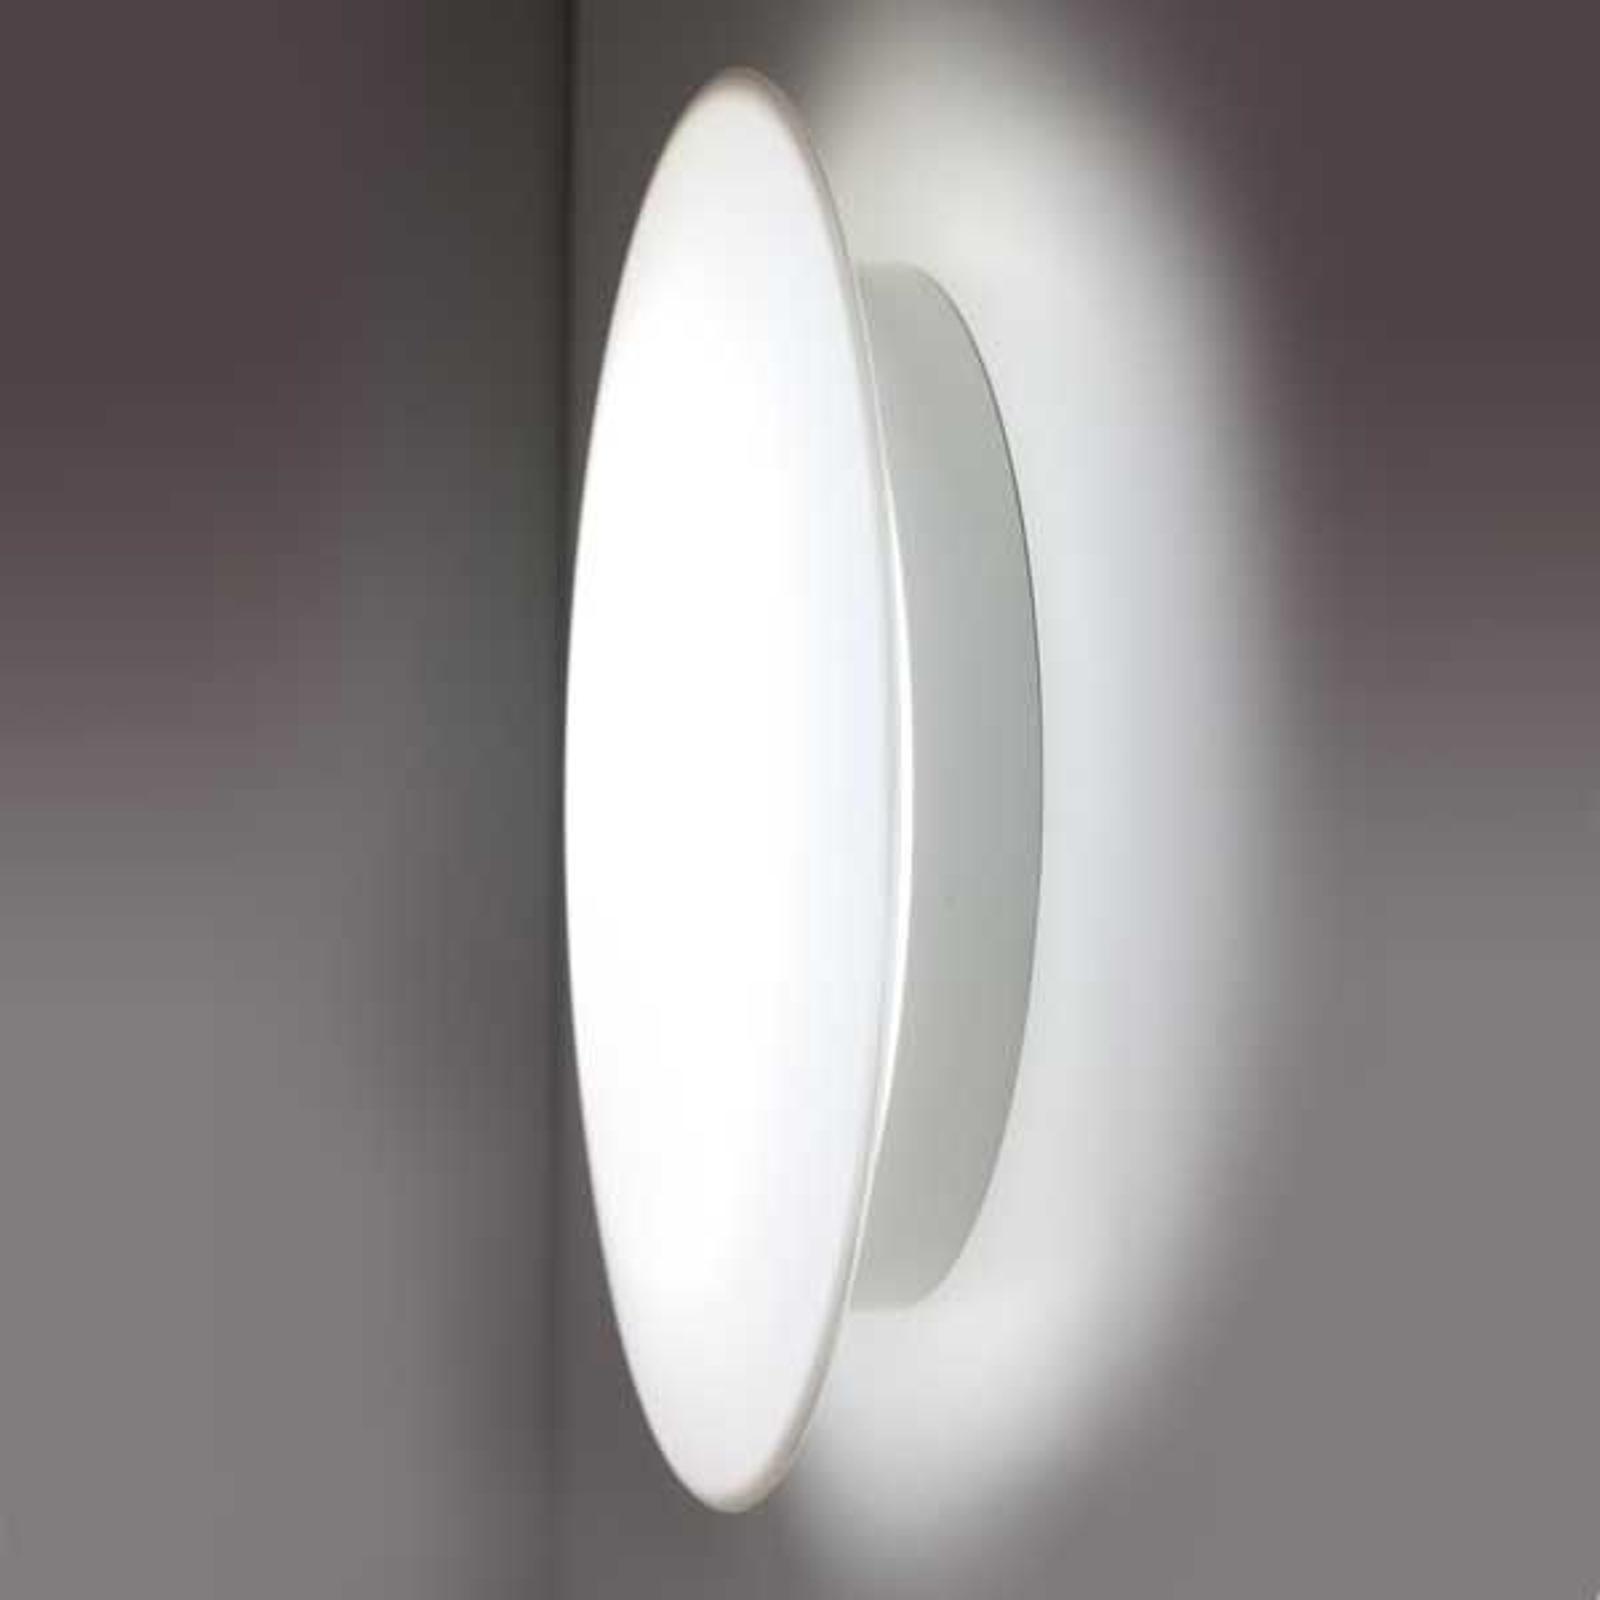 Biała lampa przyszłości SUN 3 LED 8W 3K